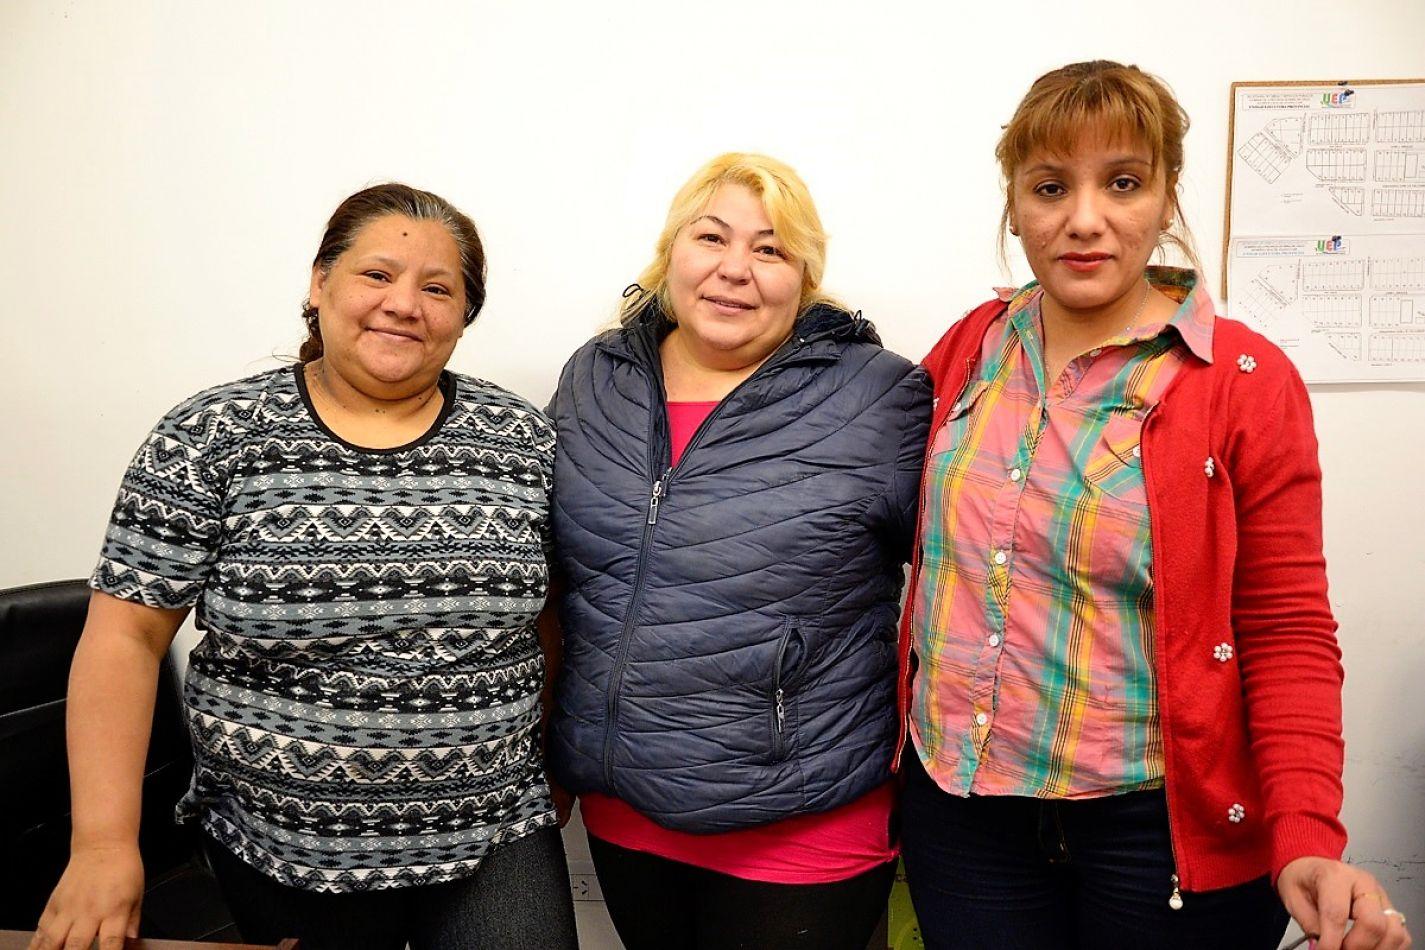 Ramona, en el centro, junto a Gladys y Paula, compañeras de trabajo quienes también colaboran con las tareas comunitarias que se llevan adelante en el